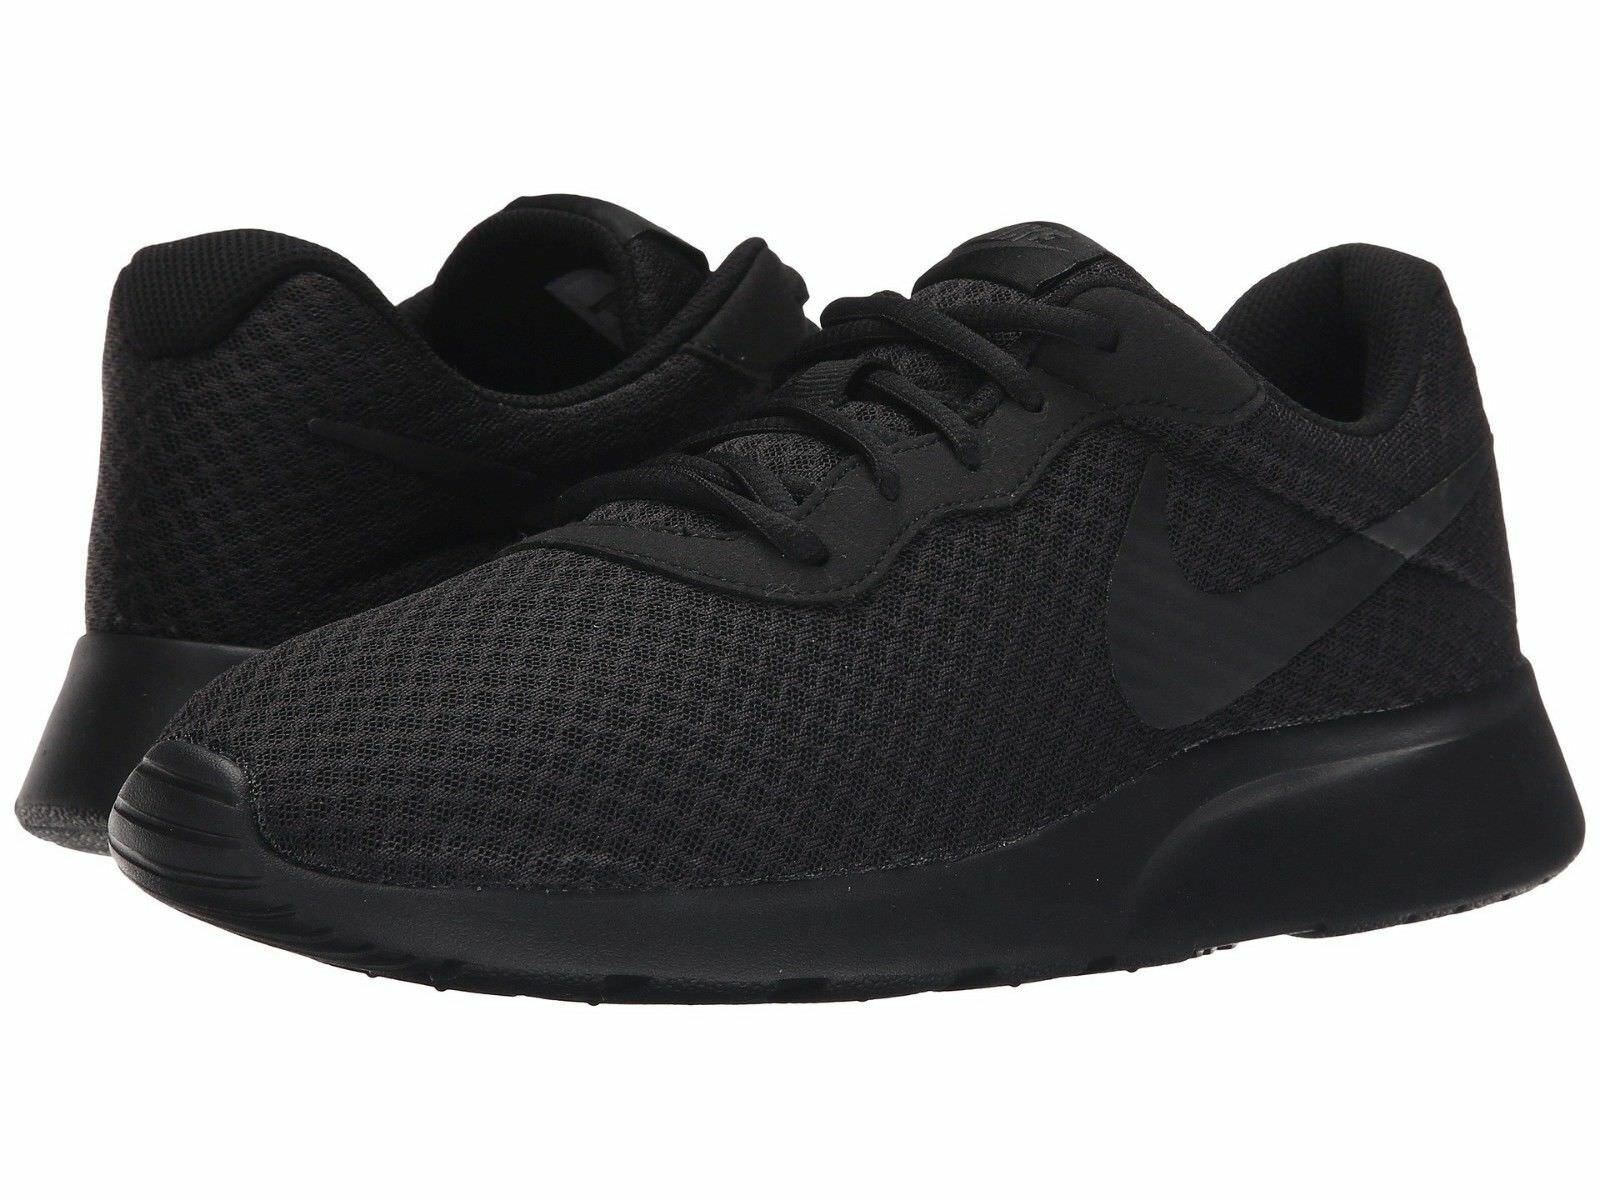 NIKE Tanjun 812654- 001 7.5 Black  Running Casual Shoes Men Sizes 7.5 001 thru 10.5 ee4492